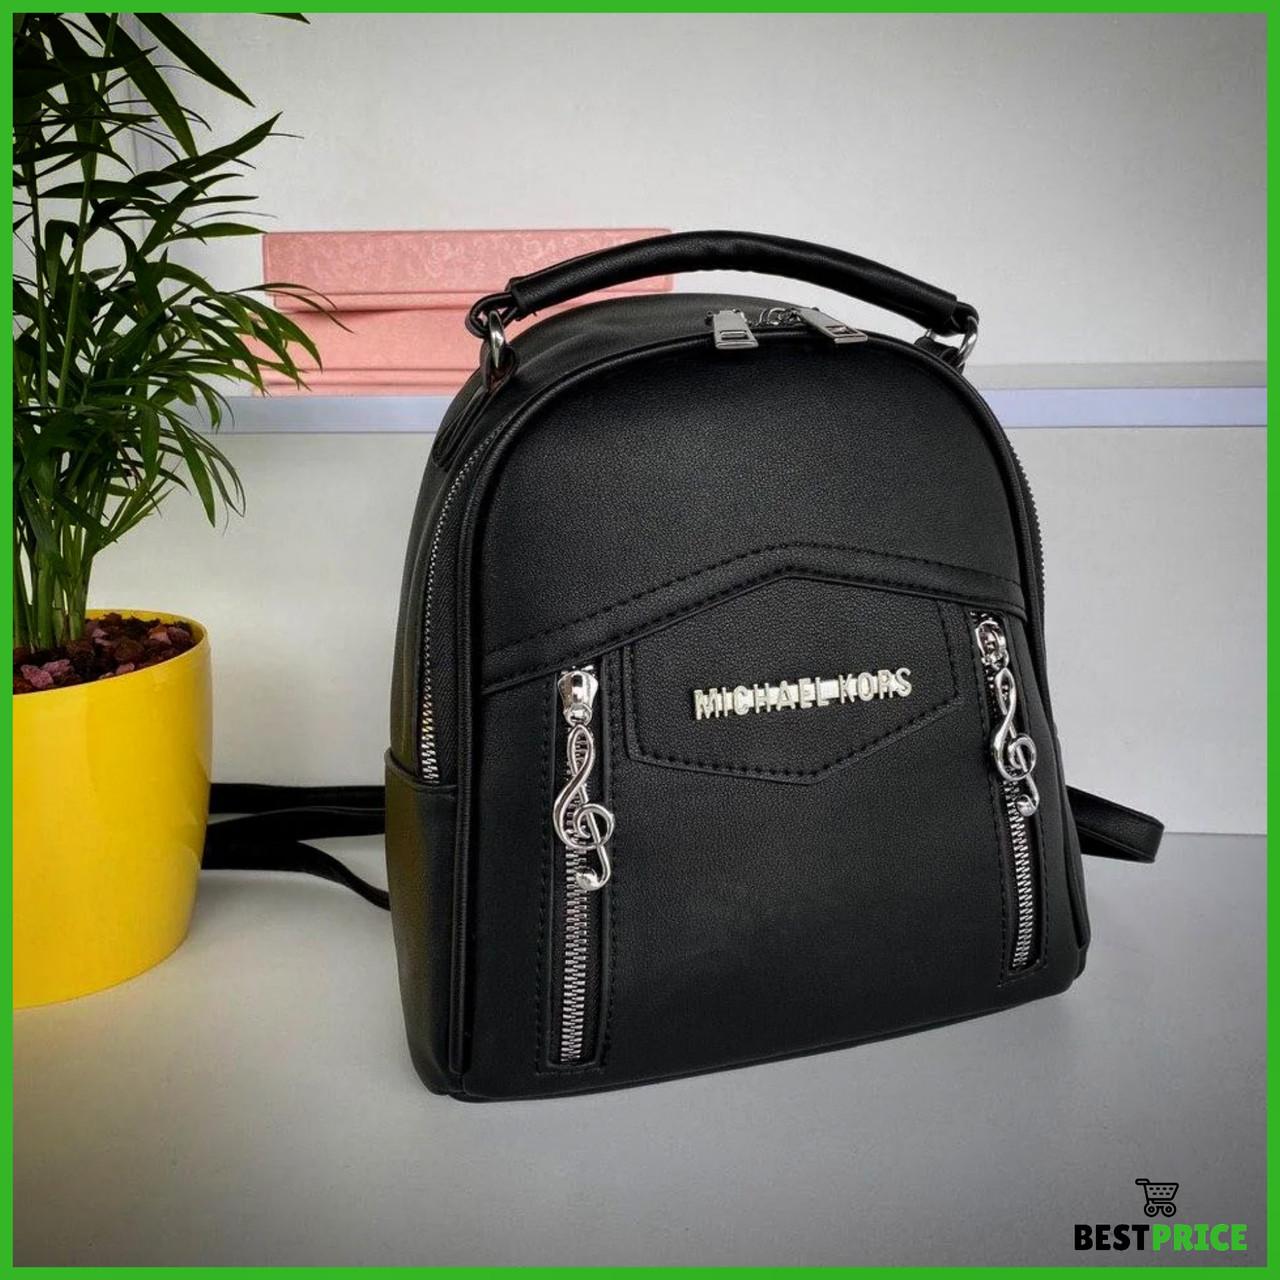 Женская городская сумка-рюкзак , Michael Коrs,на молнии .Чёрный